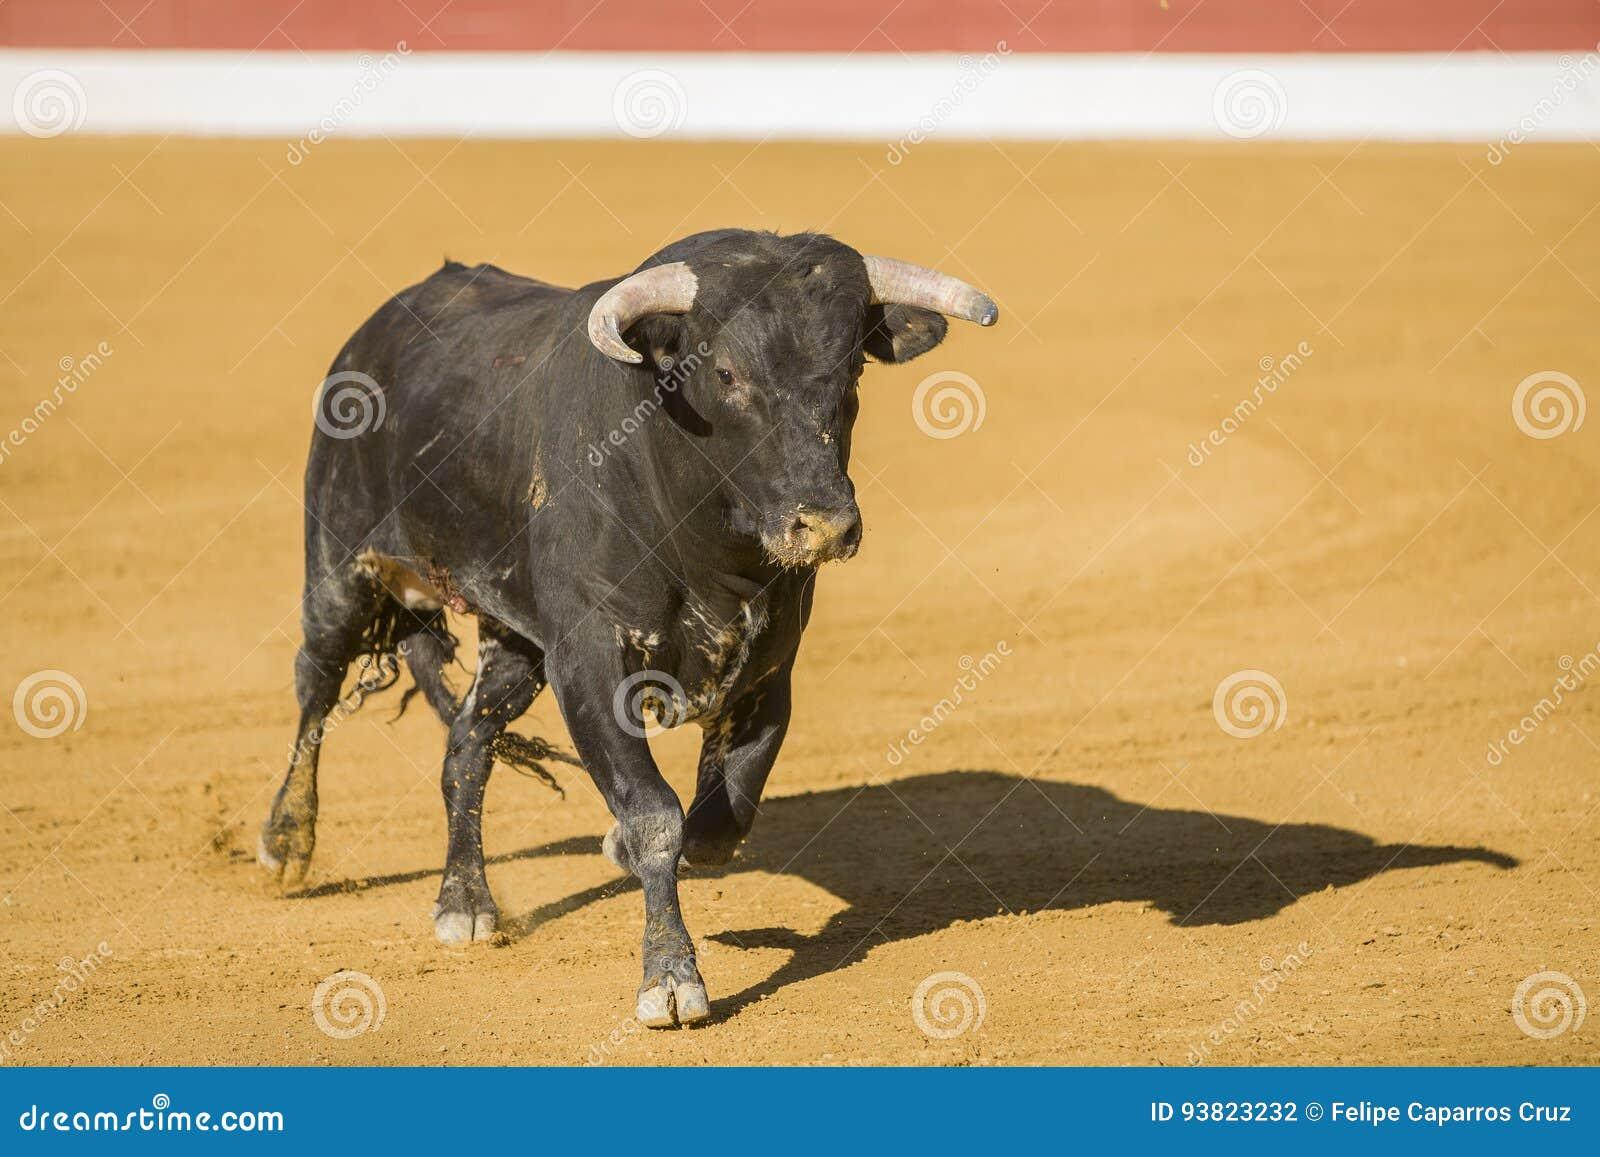 Captura de la figura de un toro valiente en una corrida